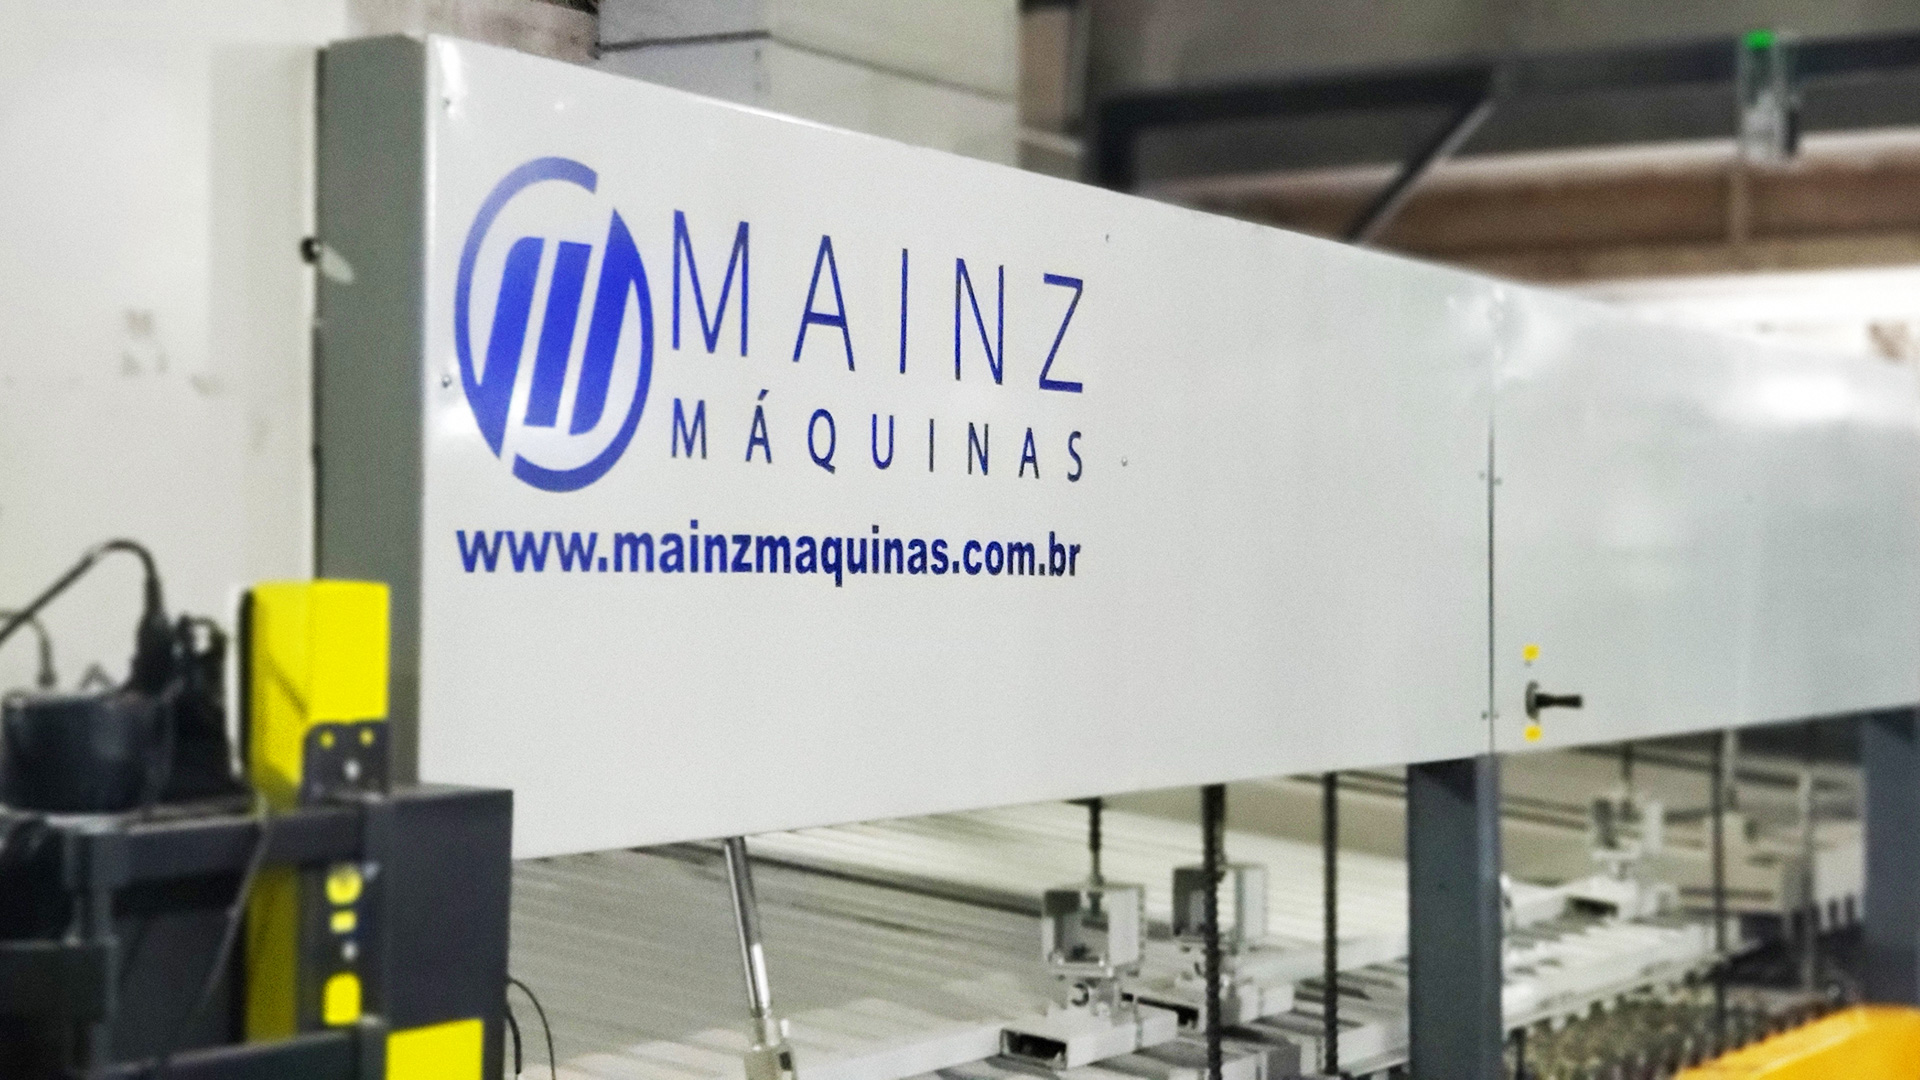 Mainz Máquinas